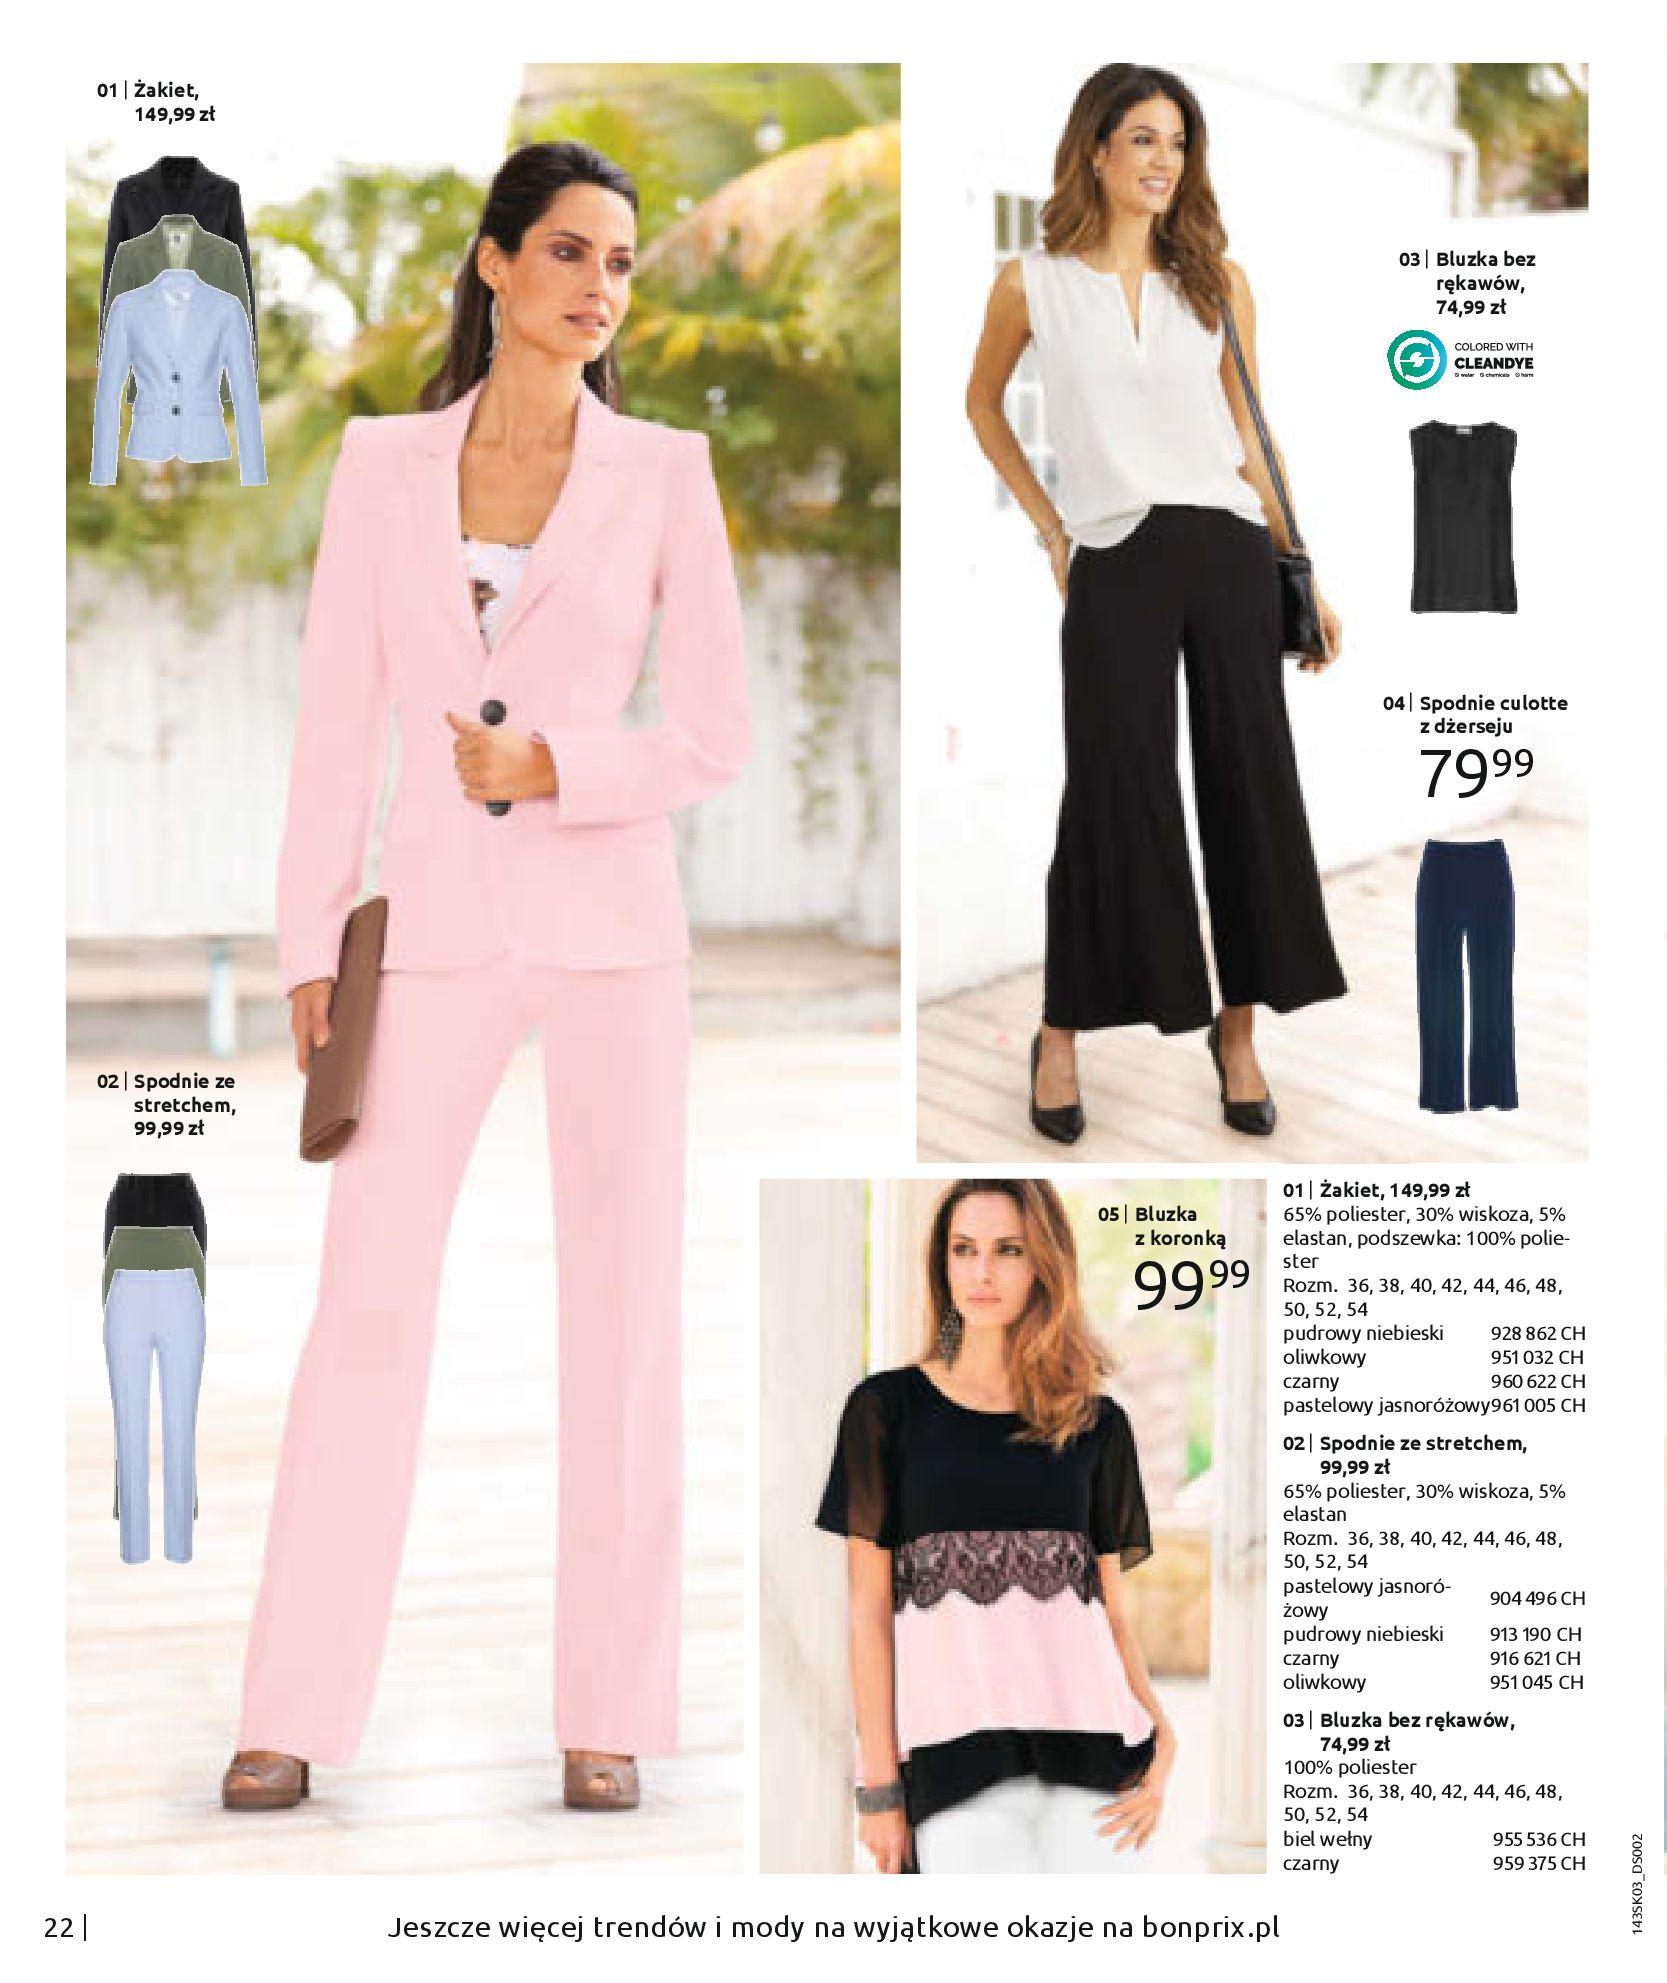 Gazetka Bonprix: Wiosenna moda 2021-03-05 page-24